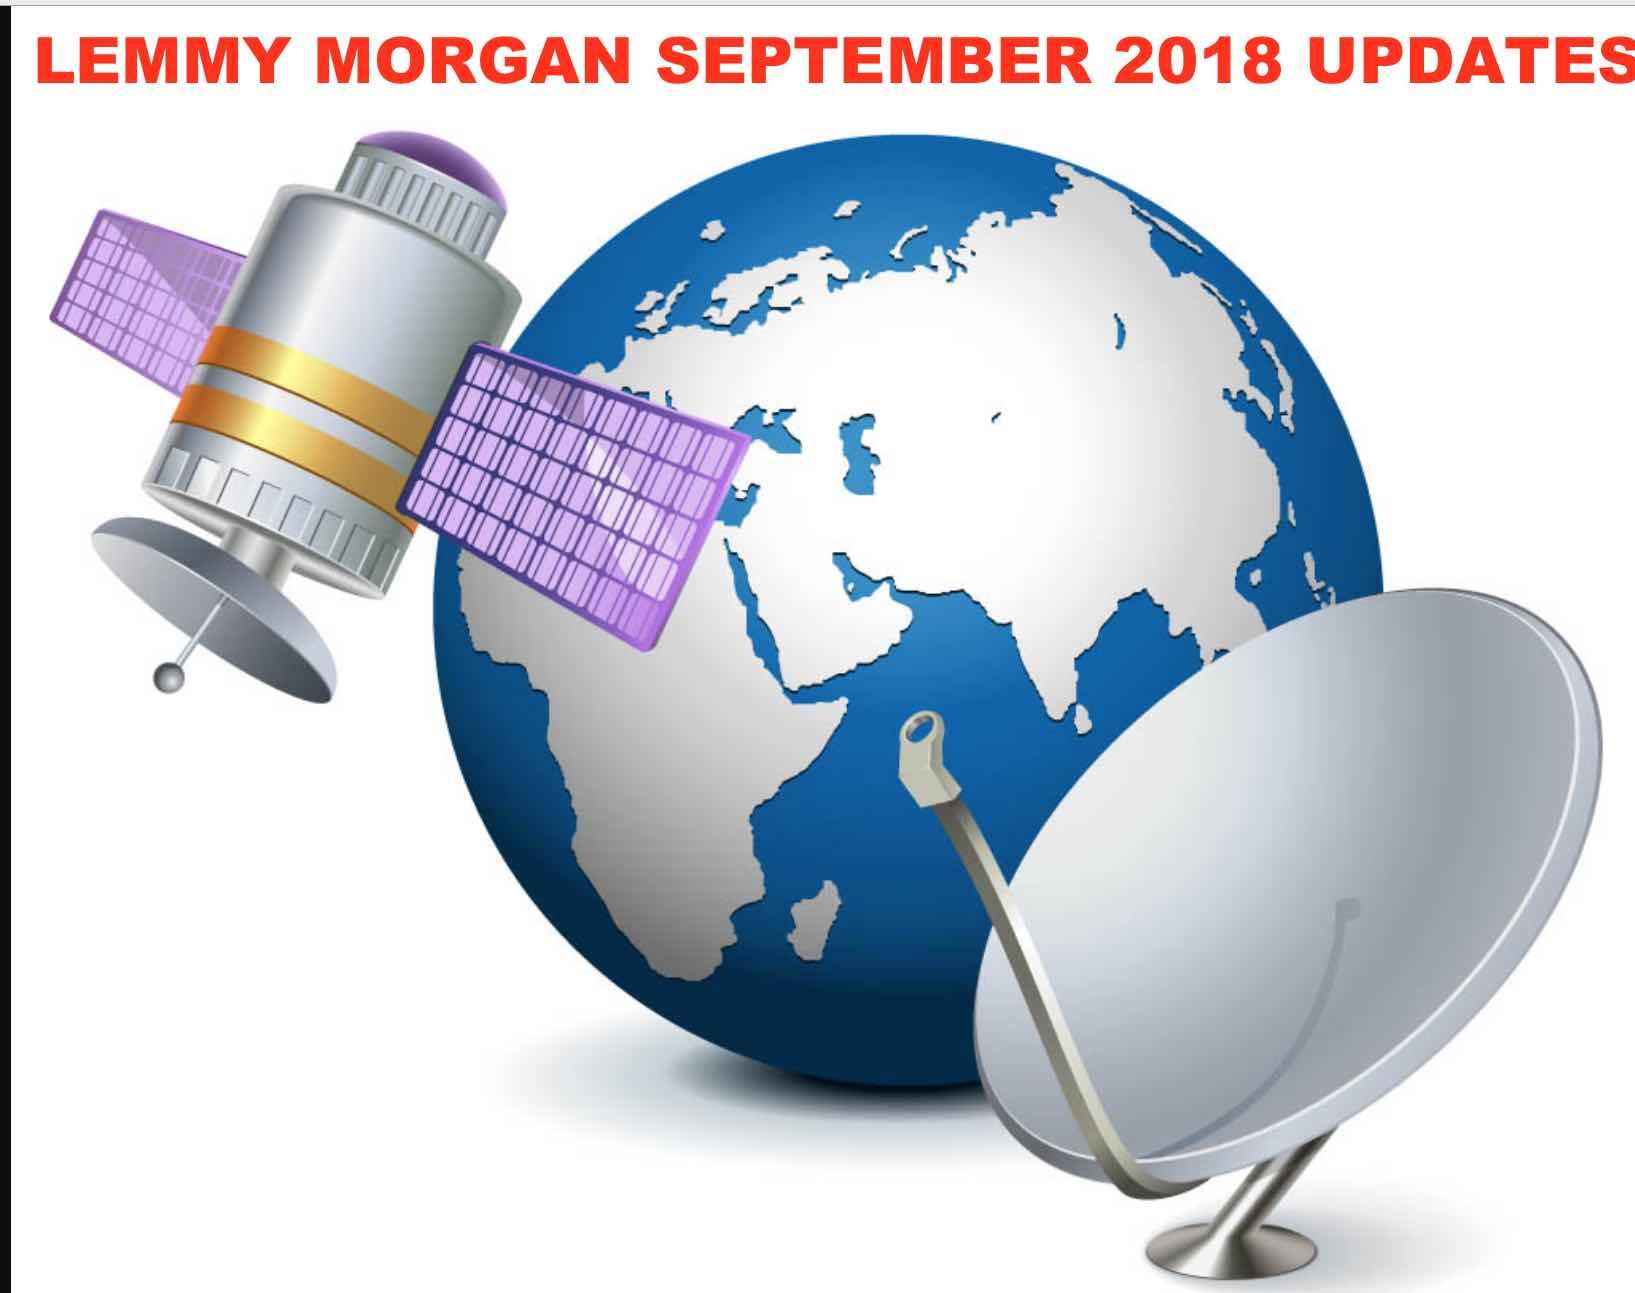 lemmy morgan september 2018 updates on Satellite TV, IPTV